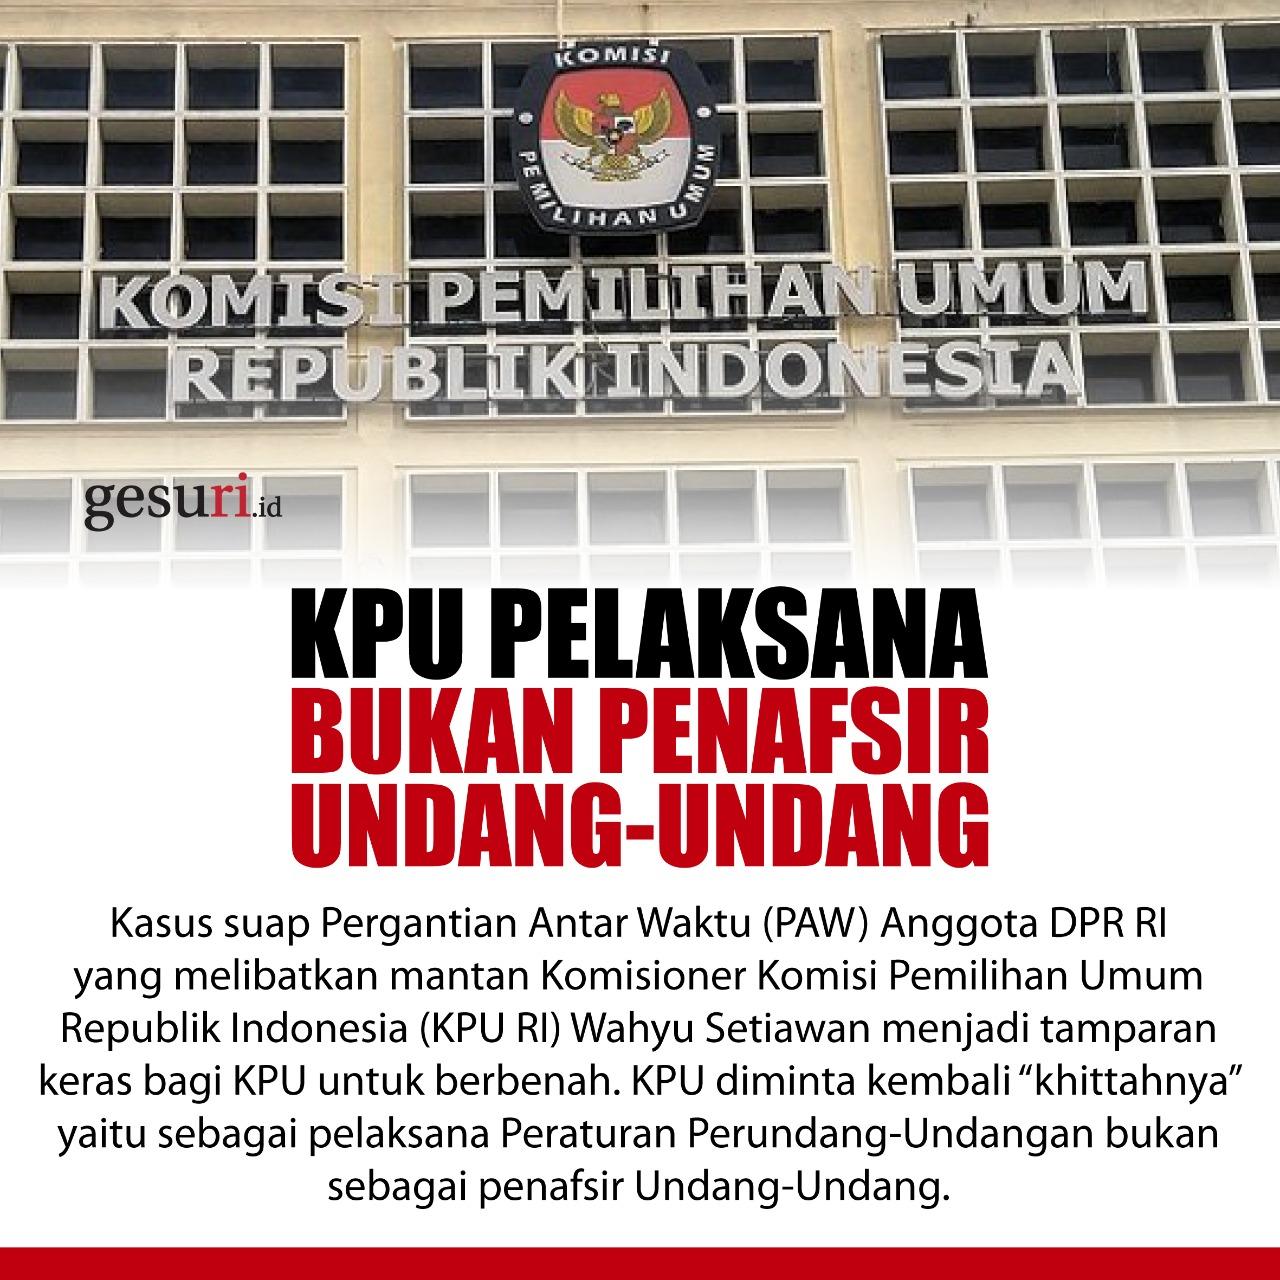 KPU adalah Pelaksana, Bukan Penafsir Undang-Undang